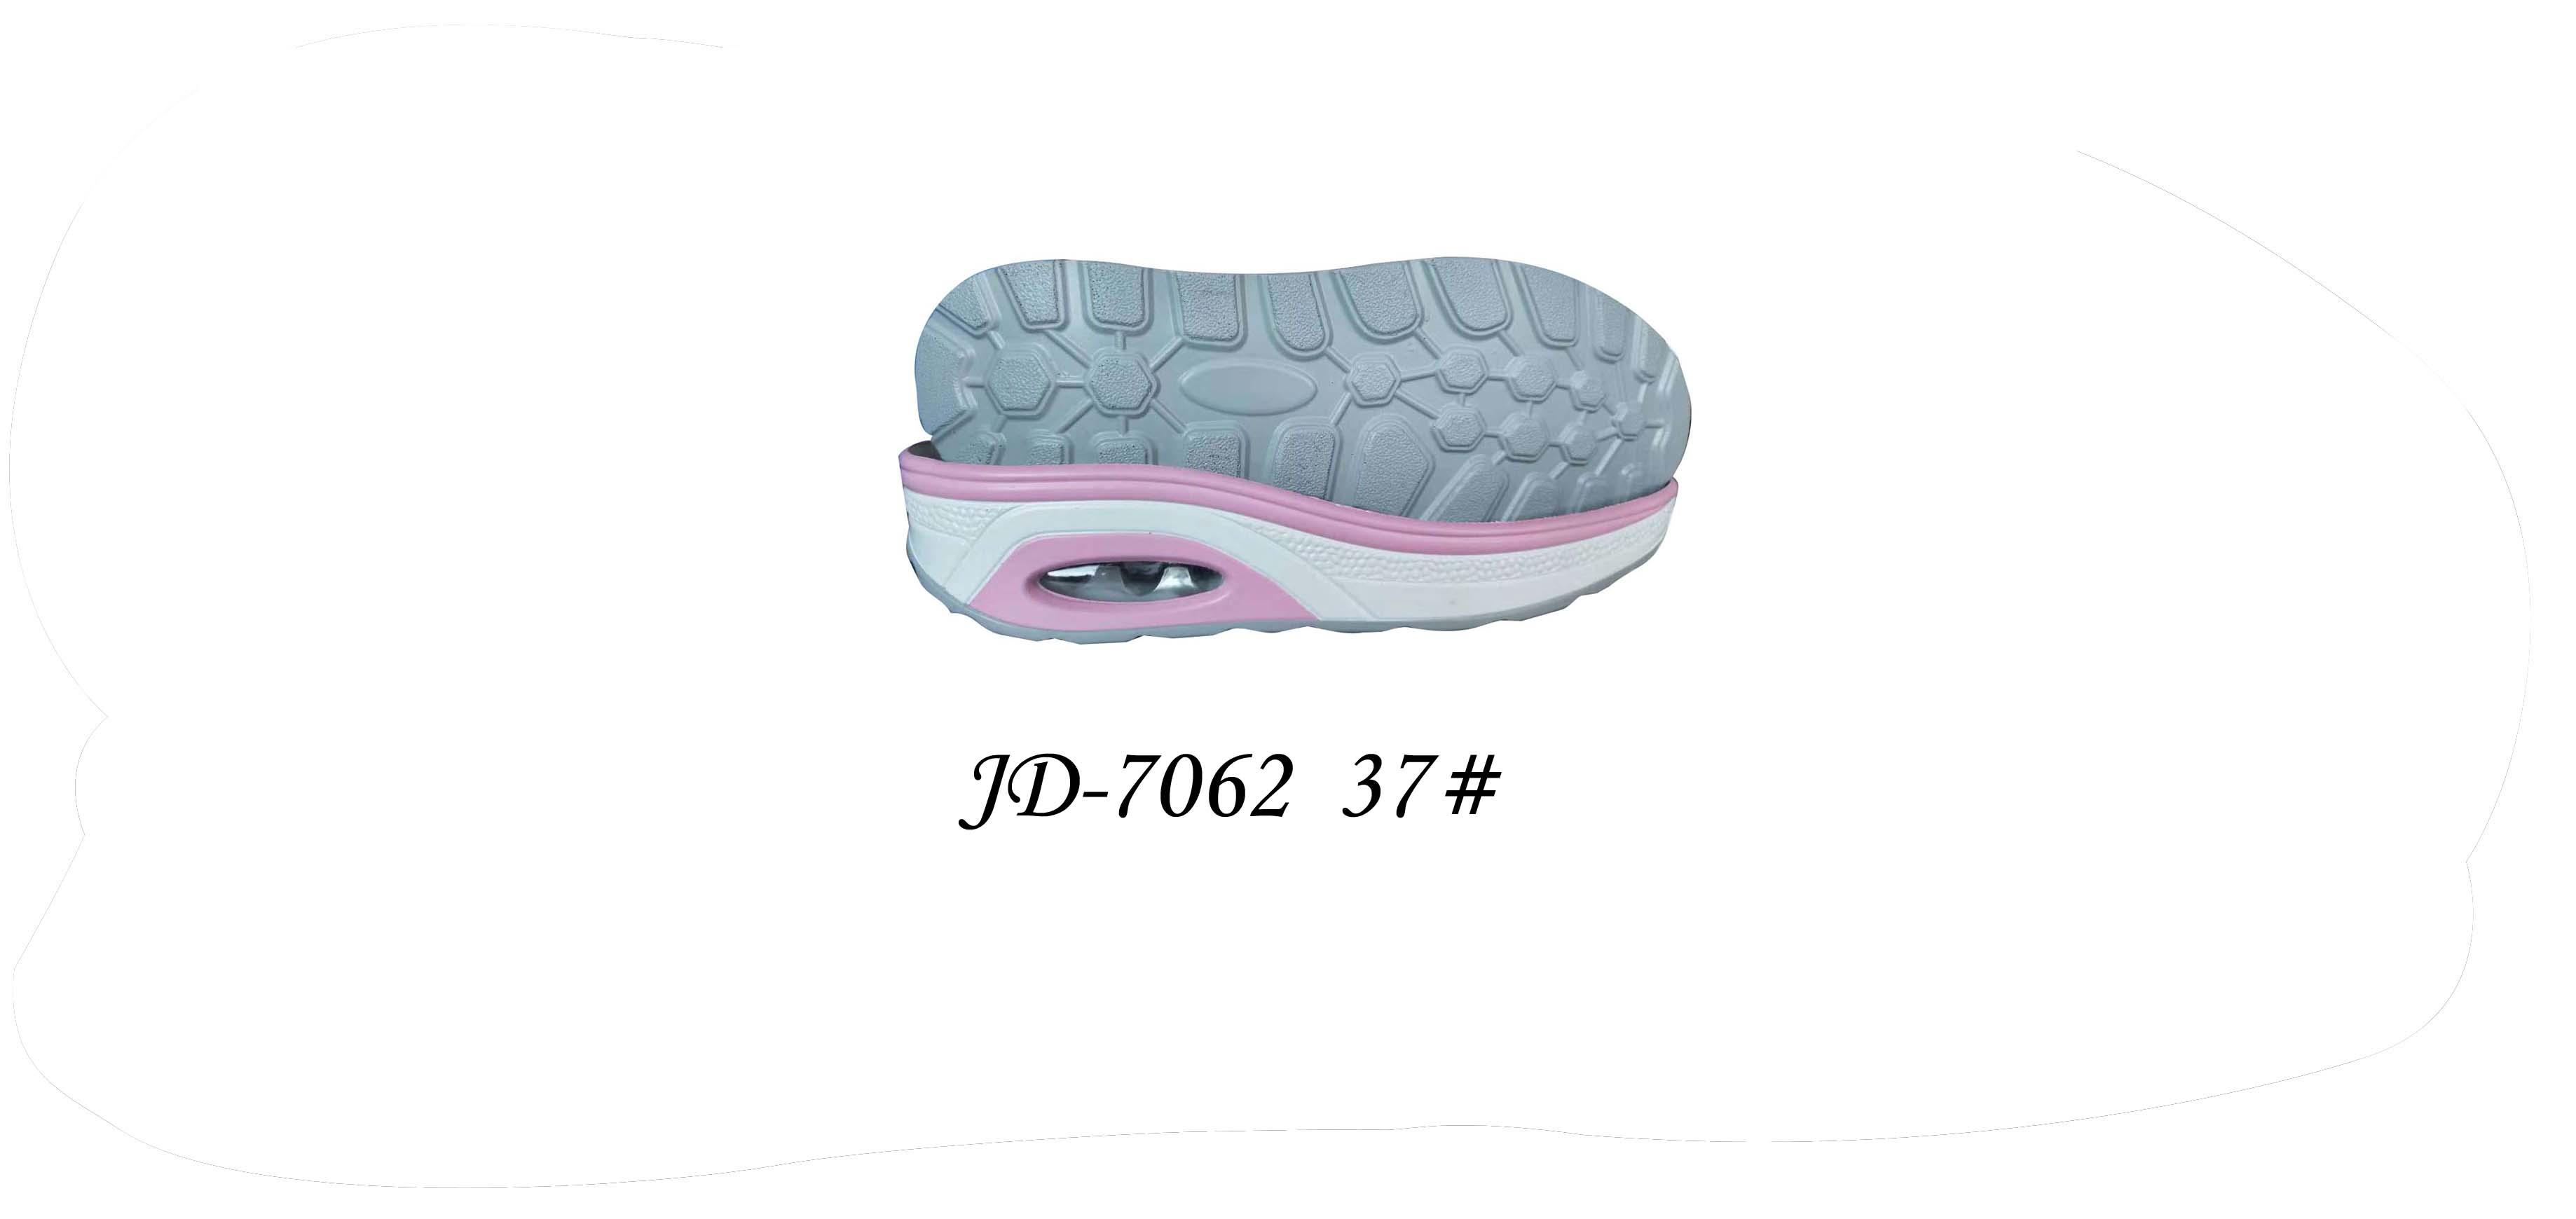 鞋底 PU 女段 休闲鞋 双色 三色 37 一体 JD-7062